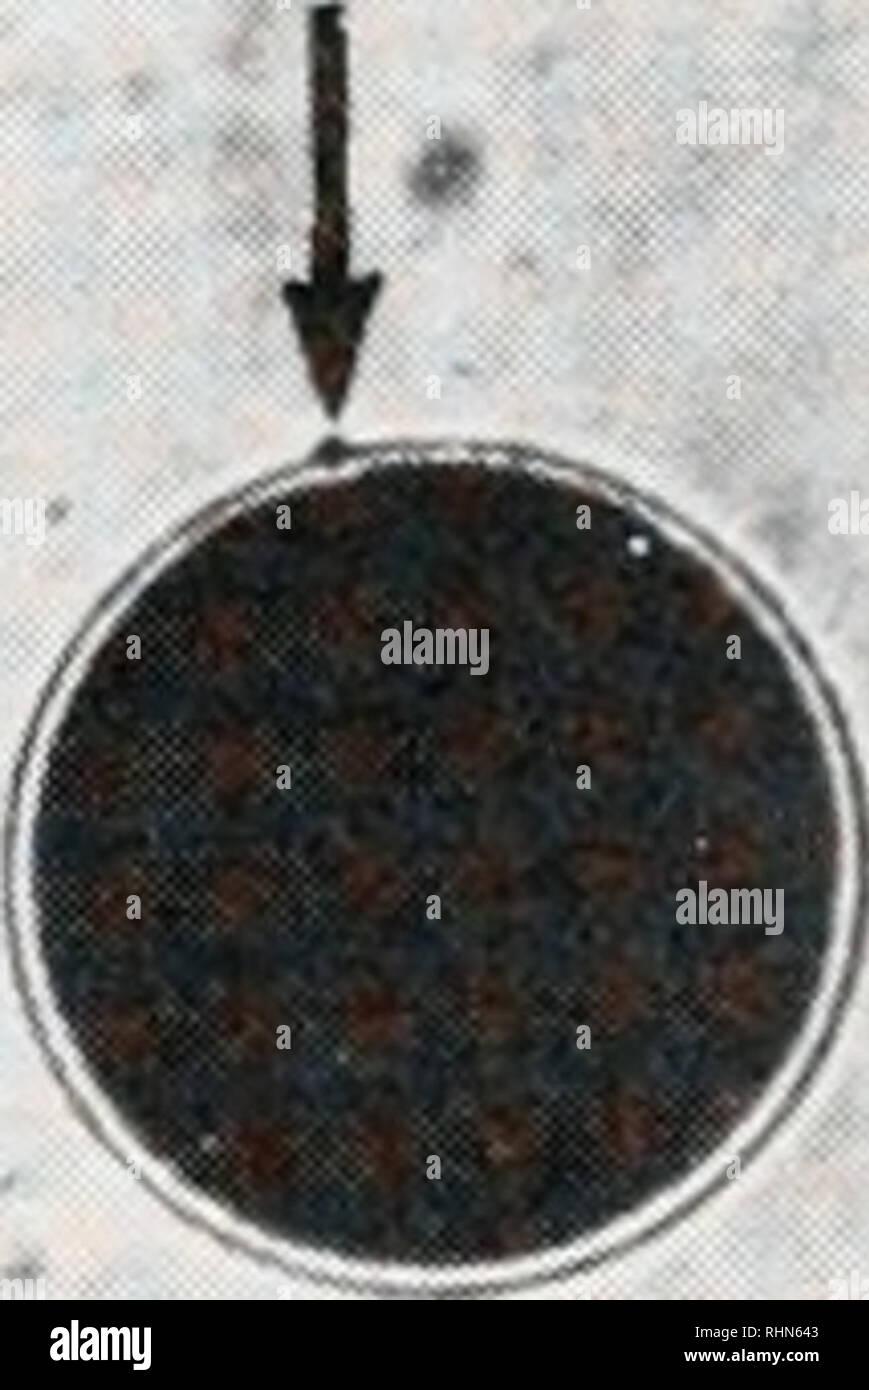 . Le bulletin biologique. Biologie; zoologie; biologie; biologie marine. J • figure 1A-1L. Les micrographies montrant la lumière réaction corticale de P. aztecus œufs de l'étape n, grâce à la libération de la globule polaire (flèche), à la formation d'une membrane d'incubation. Bar = 200 /de l'urne. Une fois que les tiges sont expulsés, ils forment une couronne autour de l'œuf (Fig. IE). Cette demeure que l'accouplement corona gonfler et commencer à se dissiper (Figs. 1G, 1J). Dans un délai de 5 à 7 min après le début de la réaction, les tiges. Veuillez noter que ces images sont extraites de la page numérisée des images qui peuvent avoir être Photo Stock